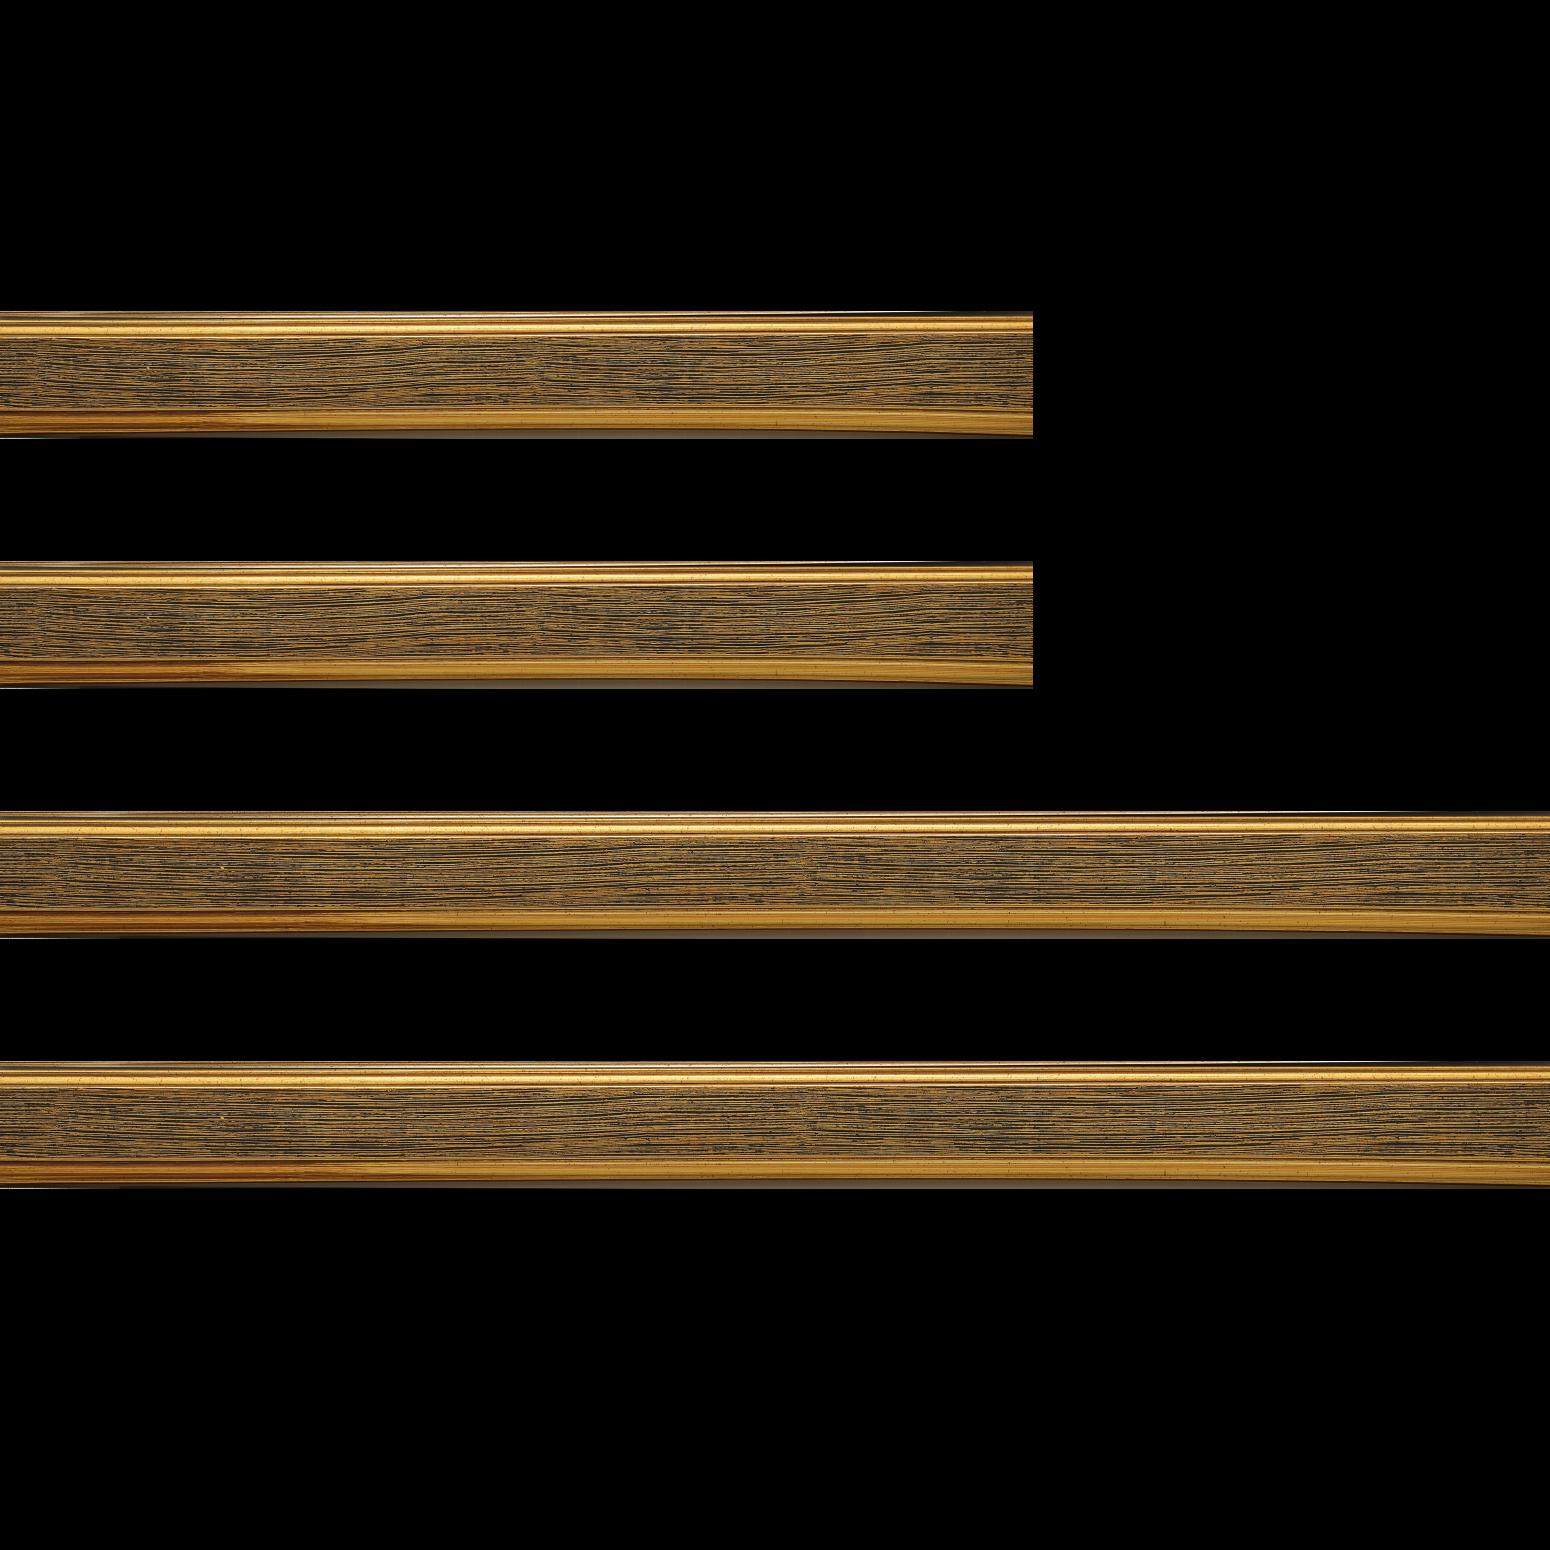 Baguette bois profil plat largeur 3.5cm couleur or fond noir filet or